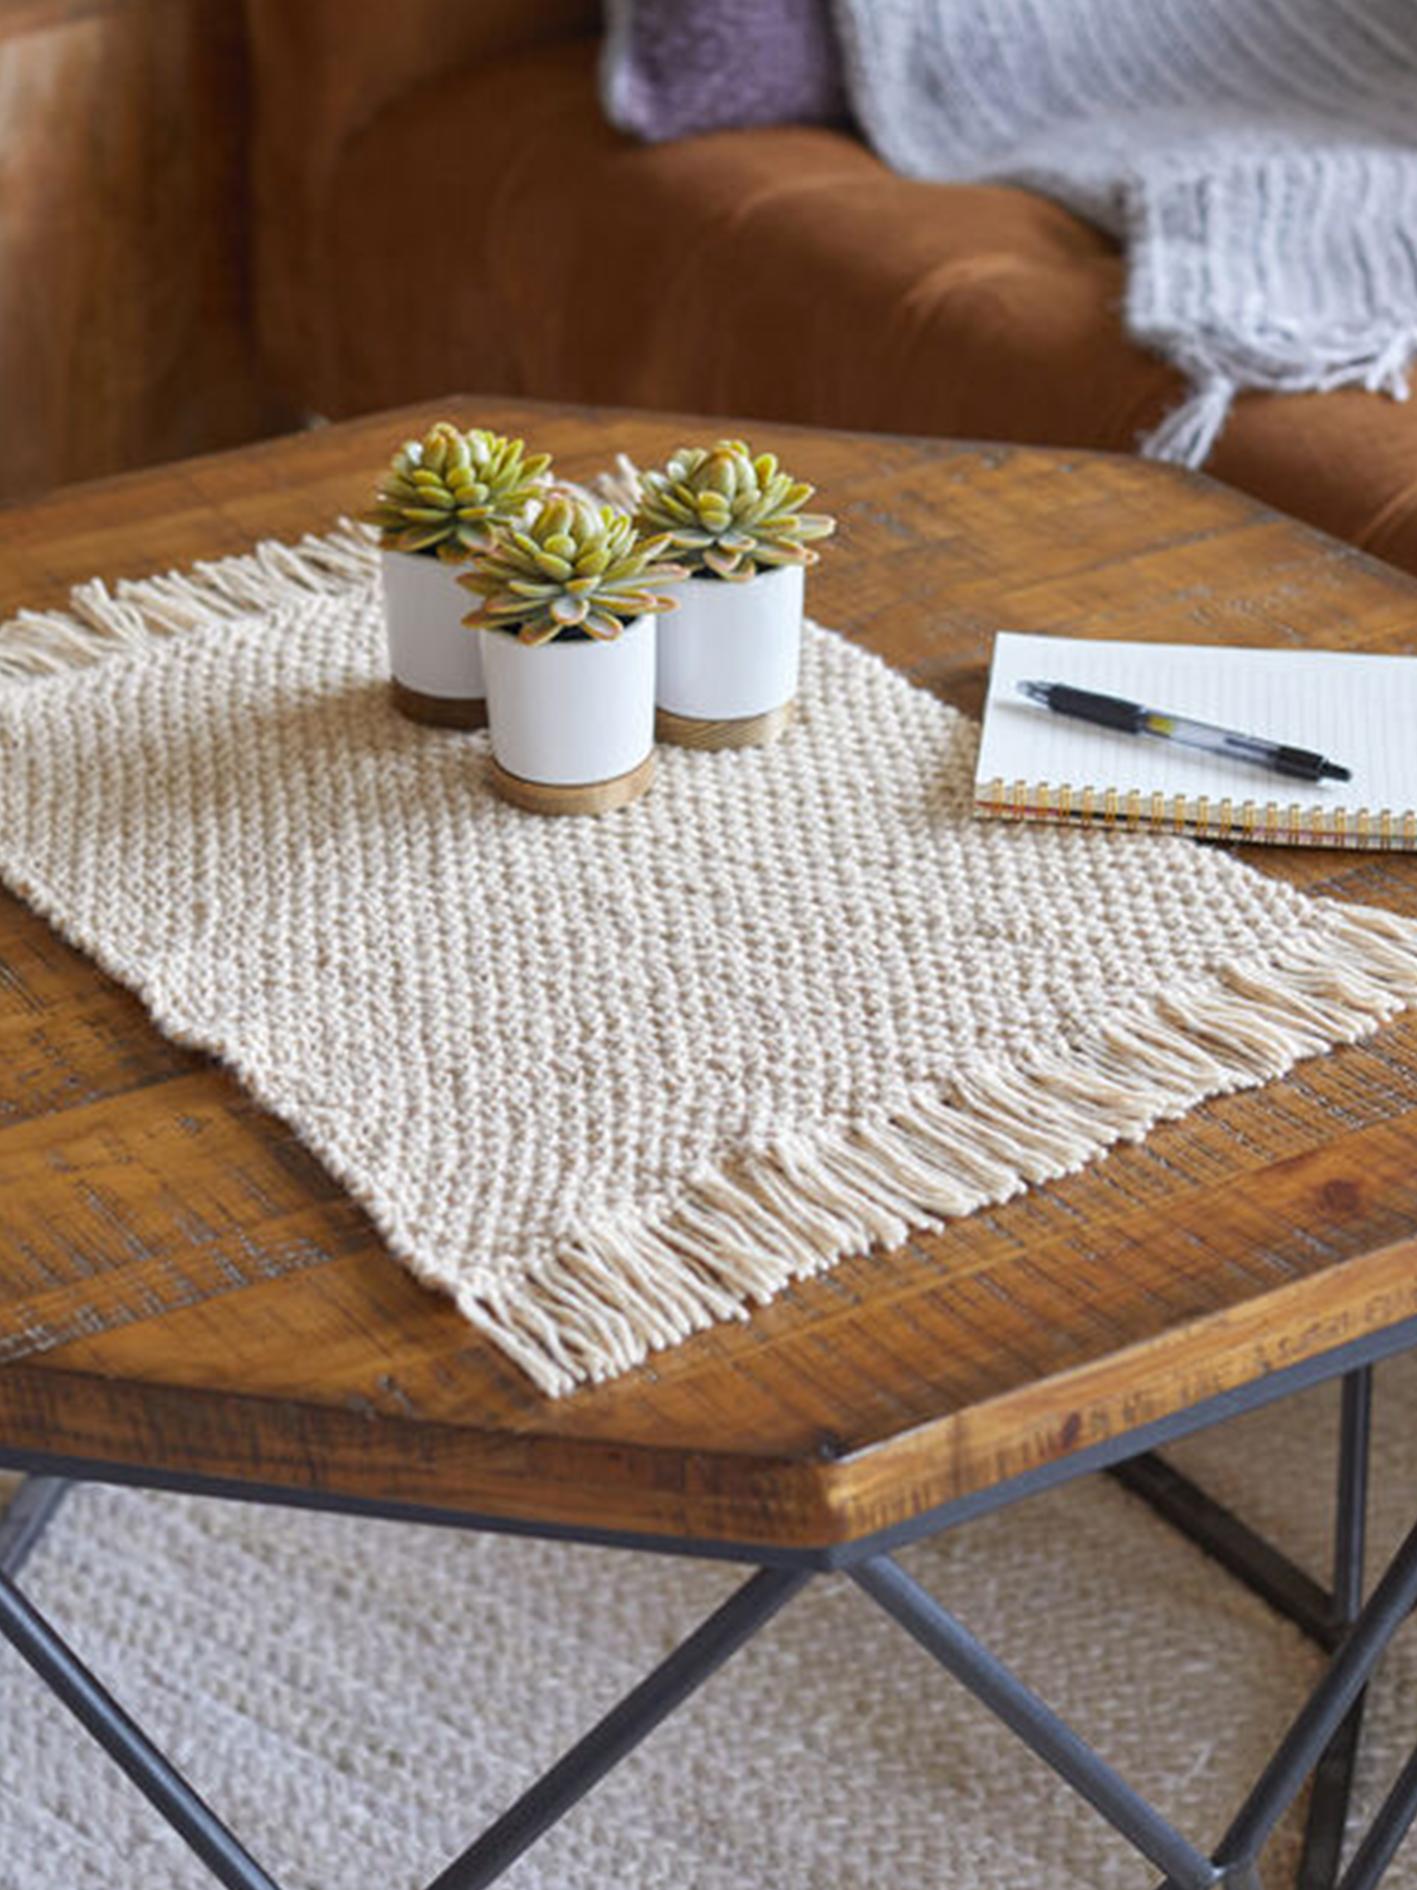 kitchen-crochet-patterns-45-crochet-unique-kitchen-decoration-top-25-crochet-teapot-patterns-new-2019